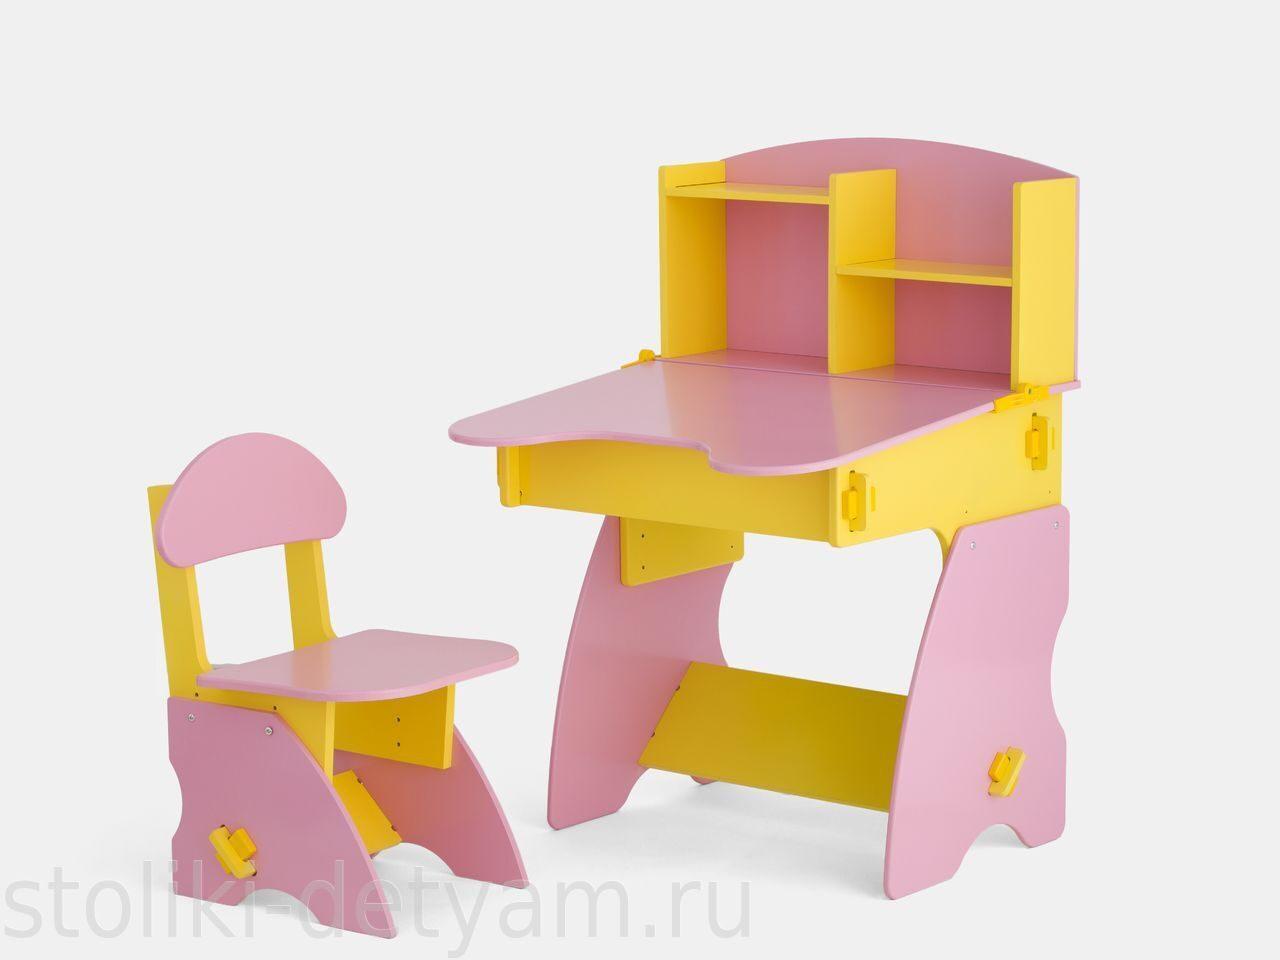 Детский столик с полочками, желто-розовый ЖР-2 Столики Детям